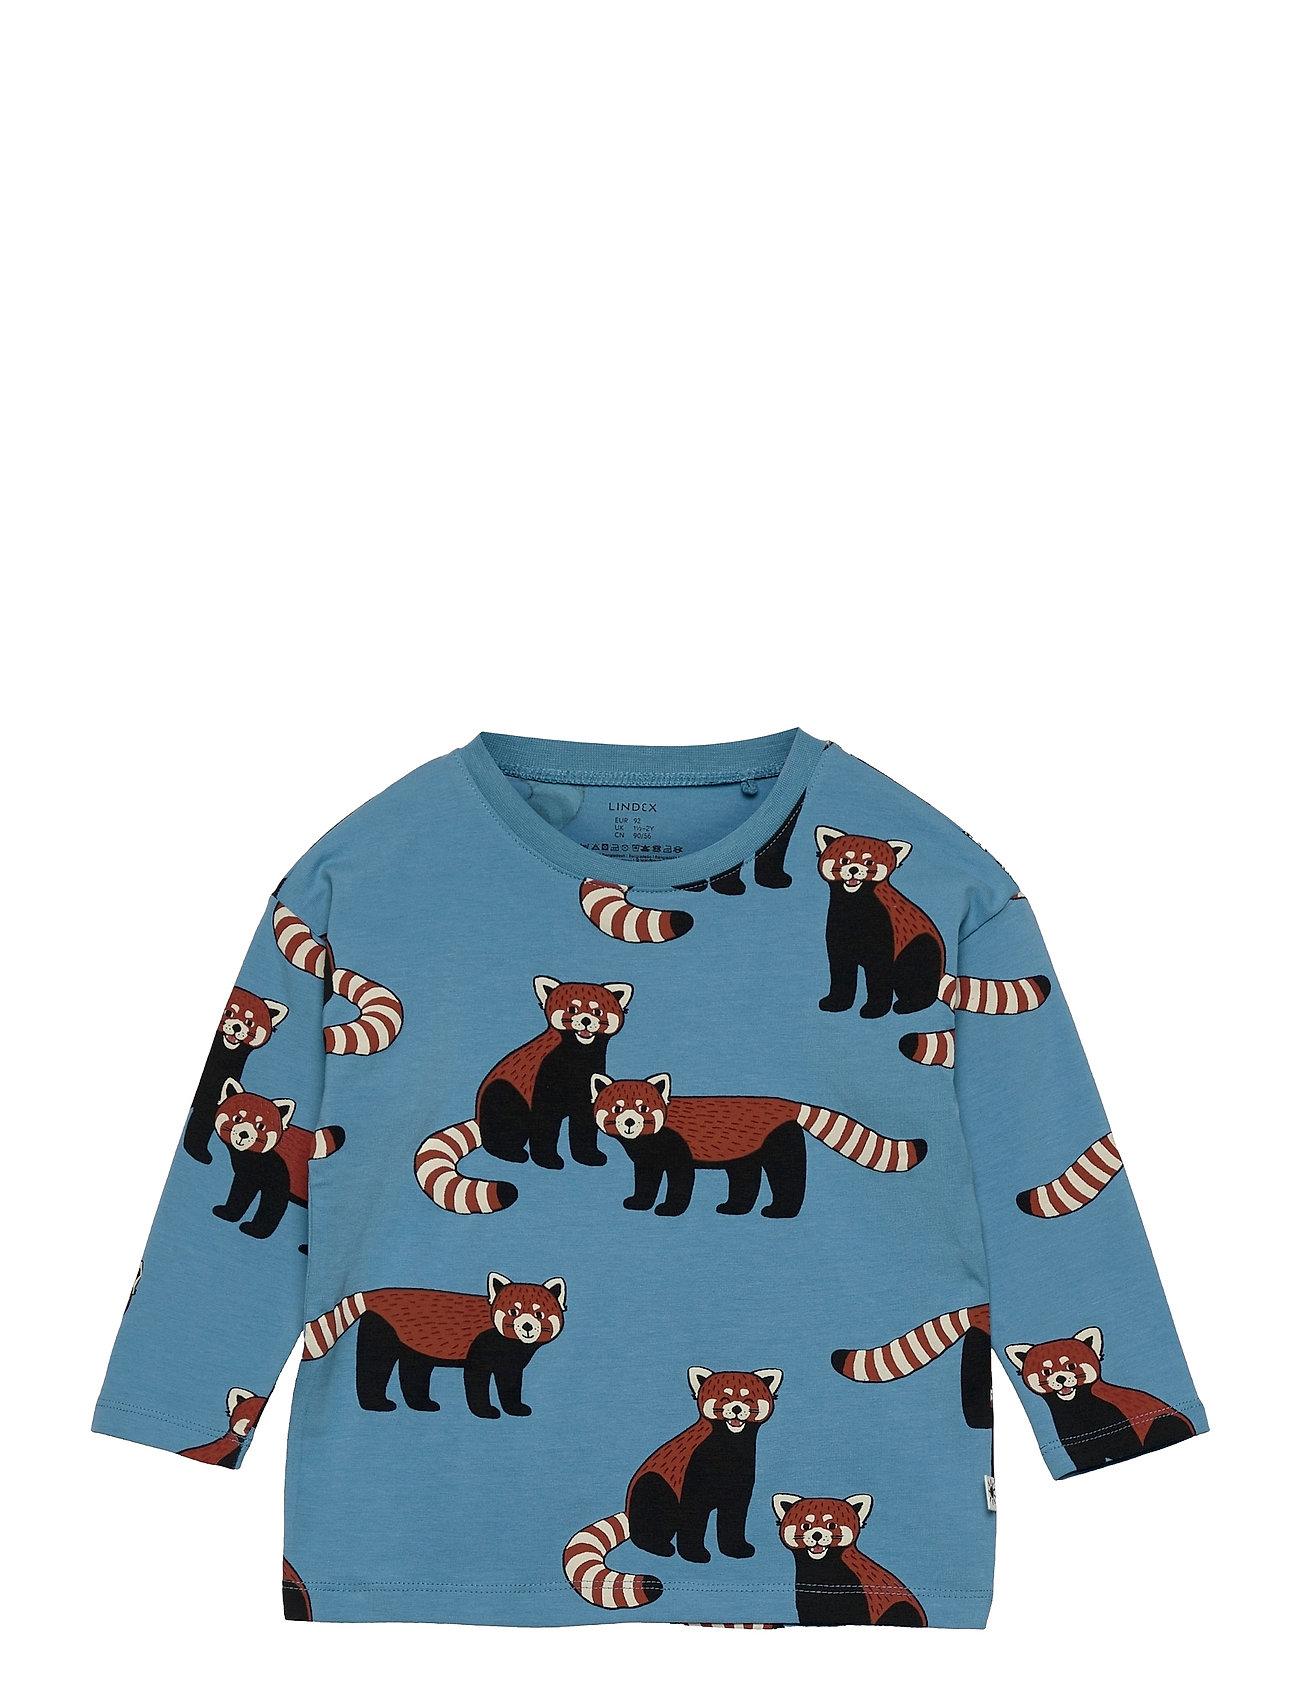 Top Red Panda Aop Langærmet T-shirt Blå Lindex